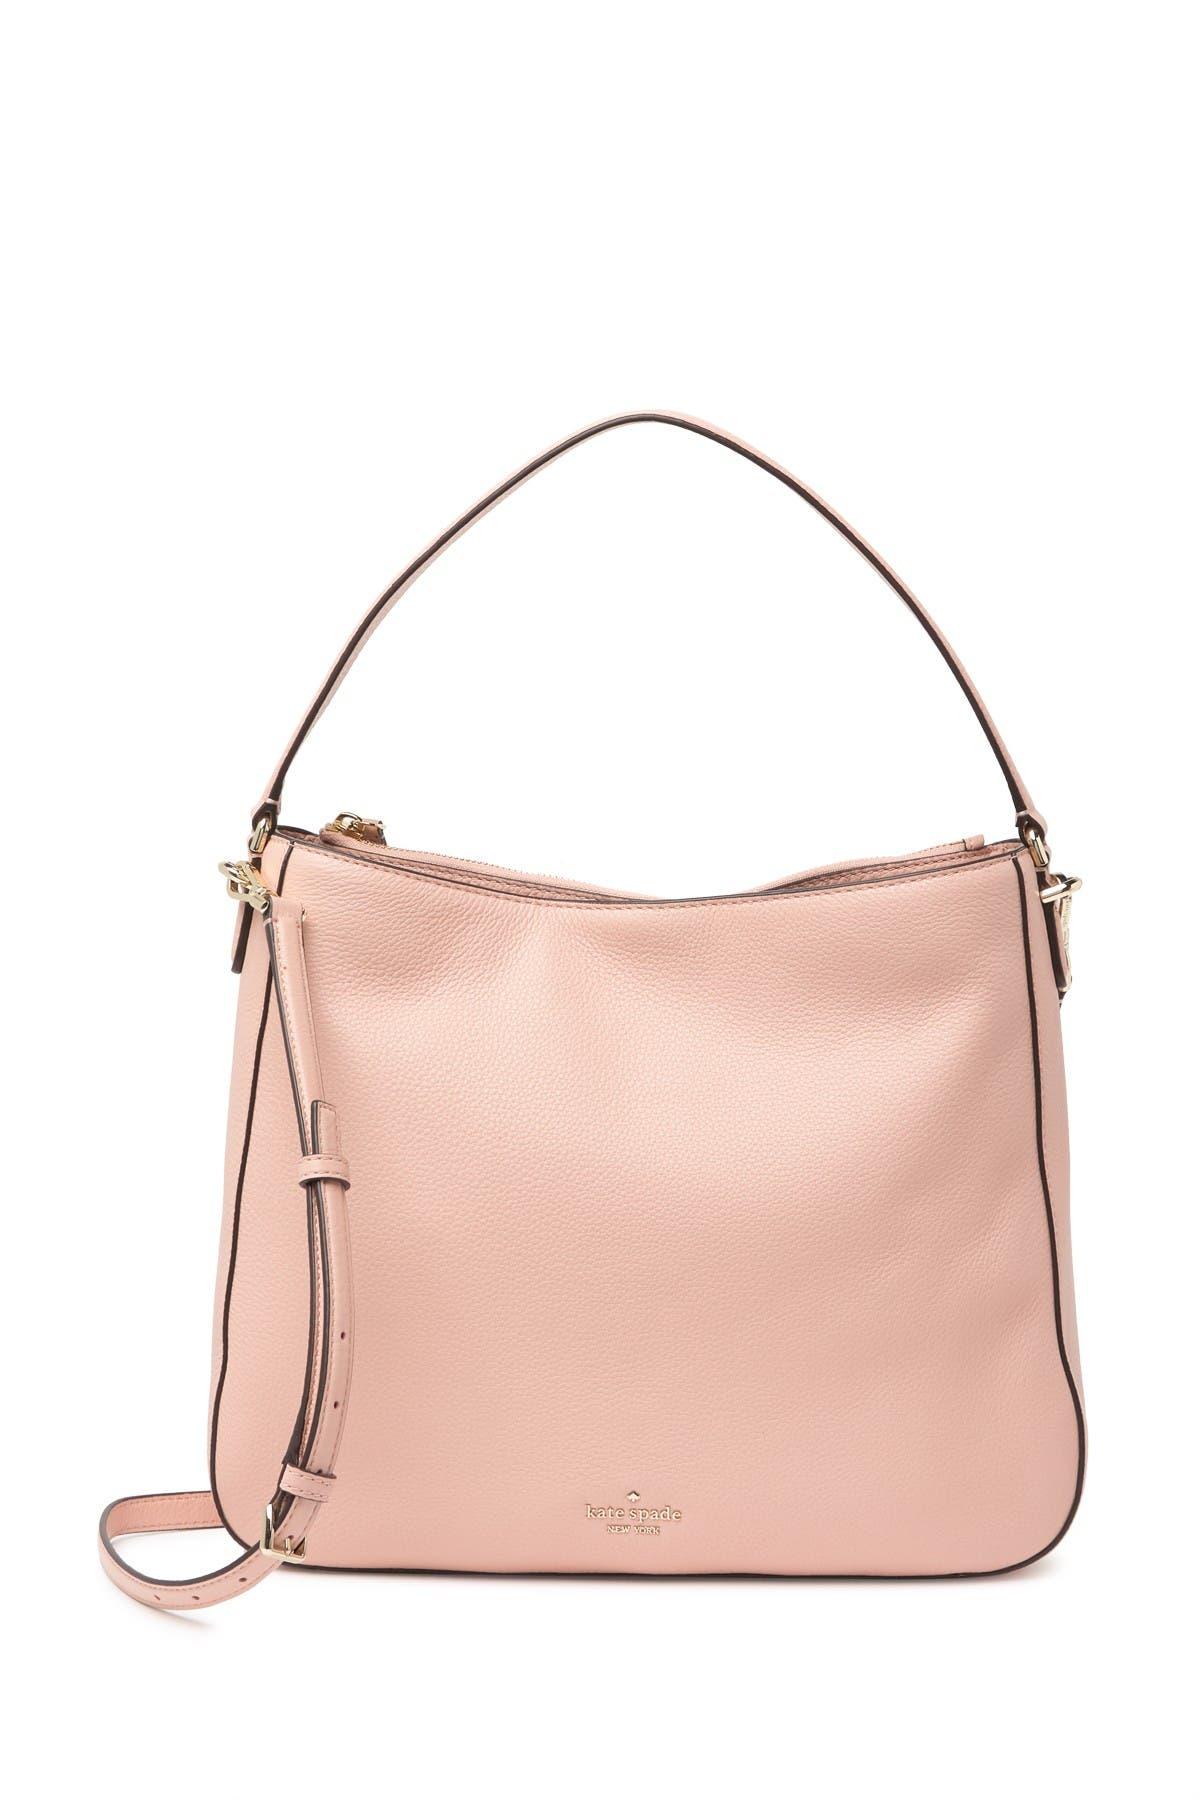 Image of kate spade new york jackson leather medium shoulder bag